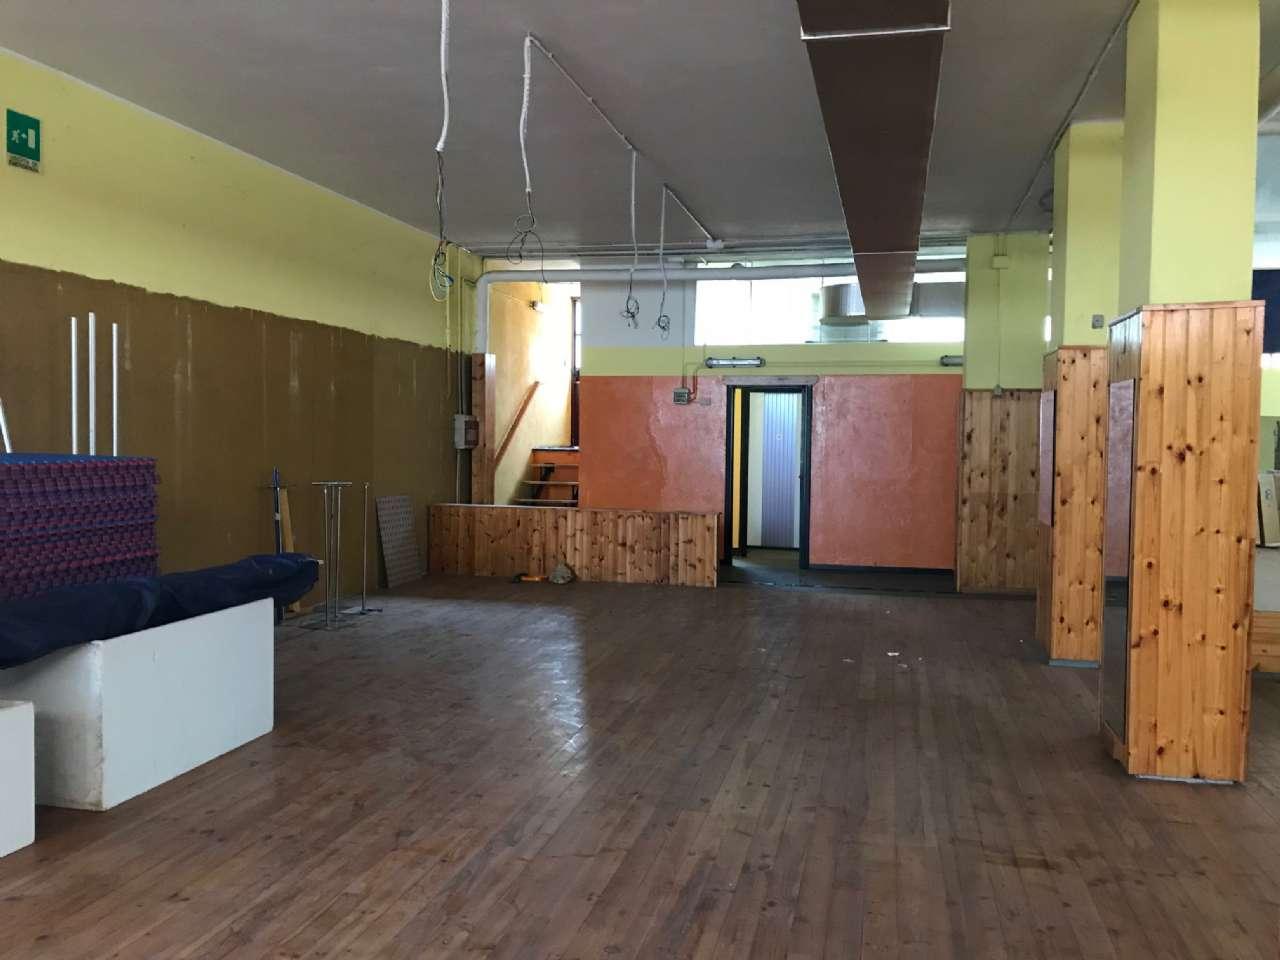 Laboratorio in vendita a Baranzate, 1 locali, prezzo € 80.000 | PortaleAgenzieImmobiliari.it